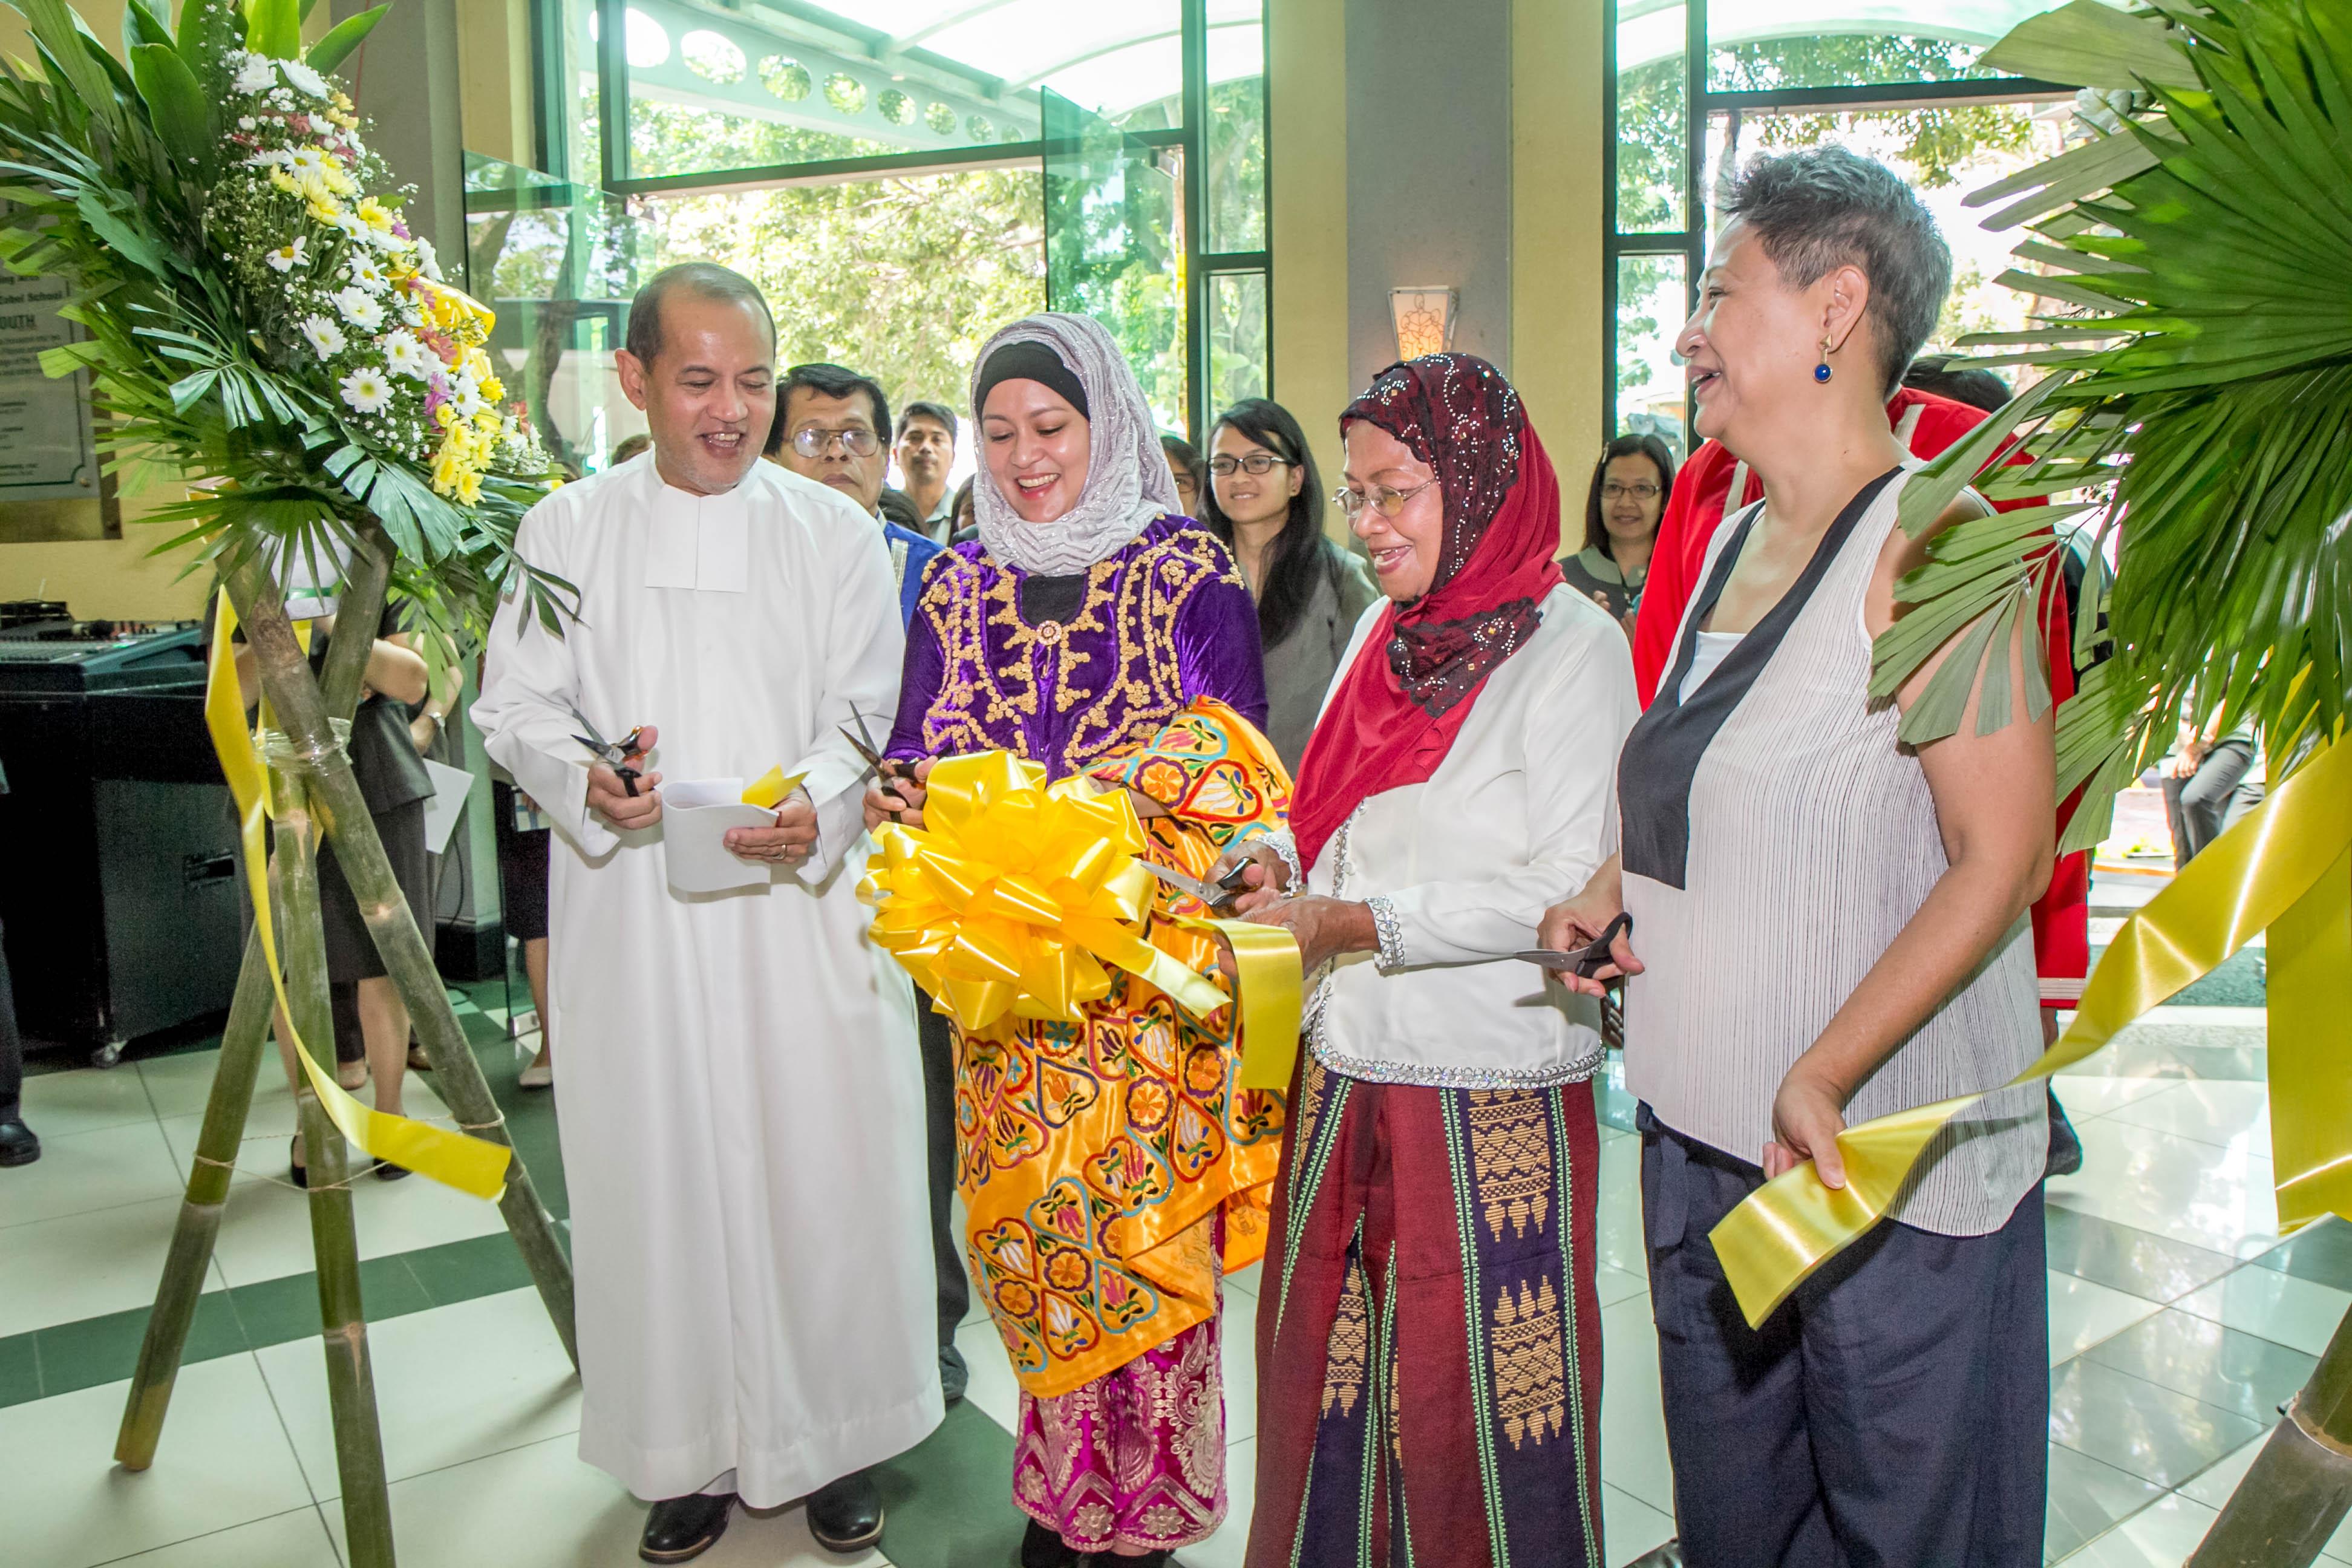 kultura ng muslim Ang kultura at tradisyon ng mga muslimang kapuluan ang bansang pilipinas (opisyal: republika ng pilipinas) binubuo ang bansa ng hi.